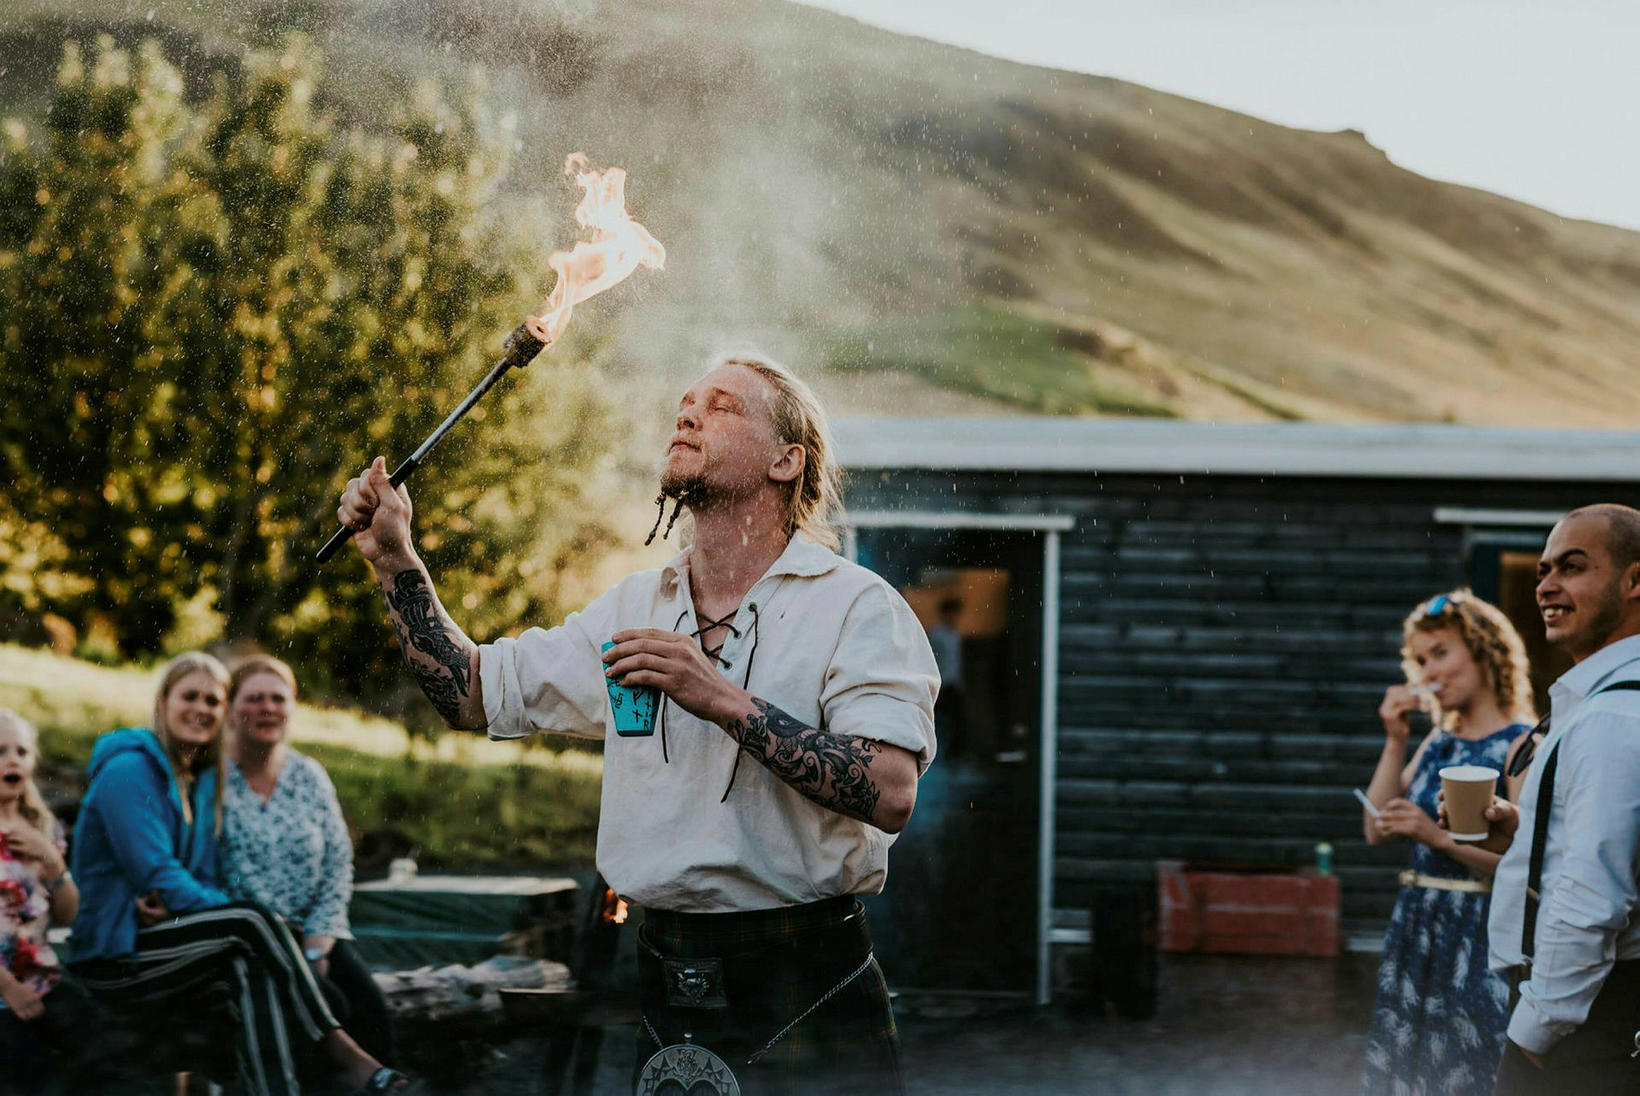 Góðar stundir festar á filmu á brúðkaupsdaginn.